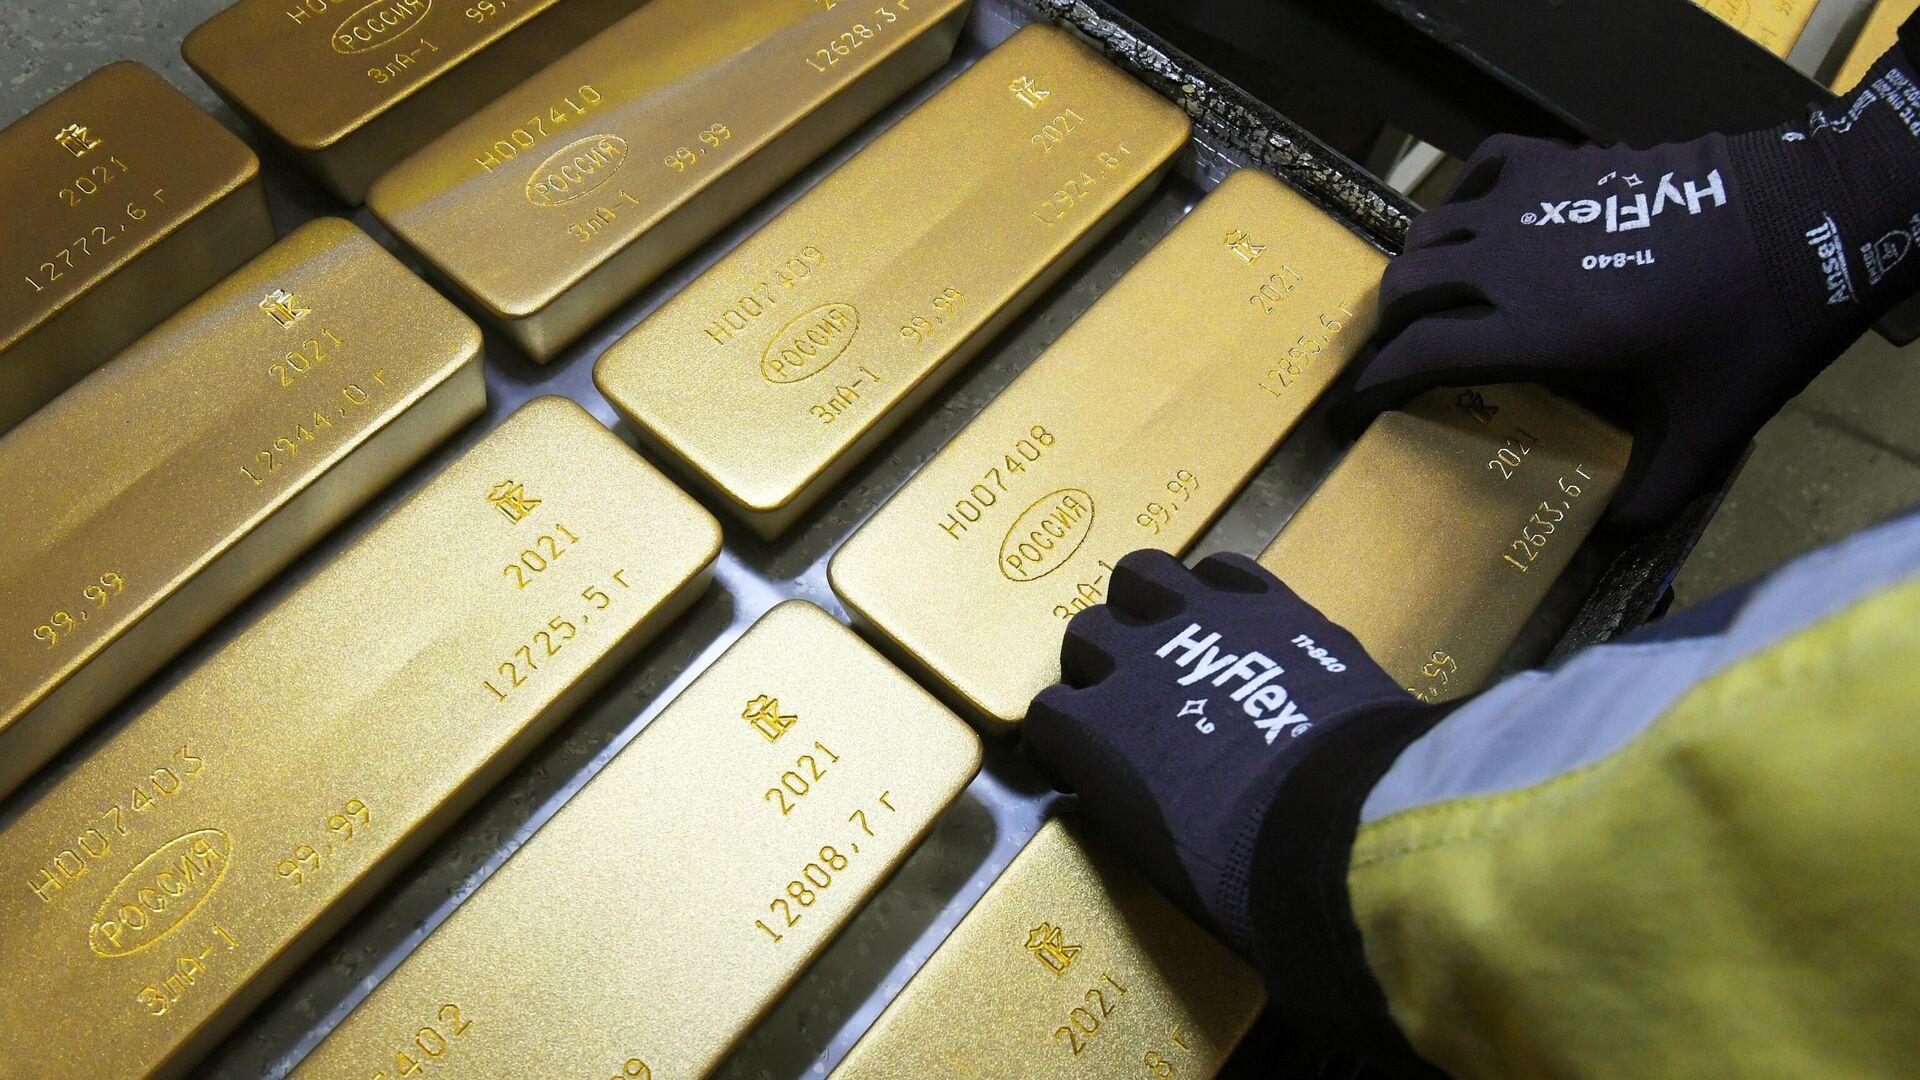 Сотрудник укладывает на тележку маркированные слитки золота высшей пробы - РИА Новости, 1920, 10.06.2021